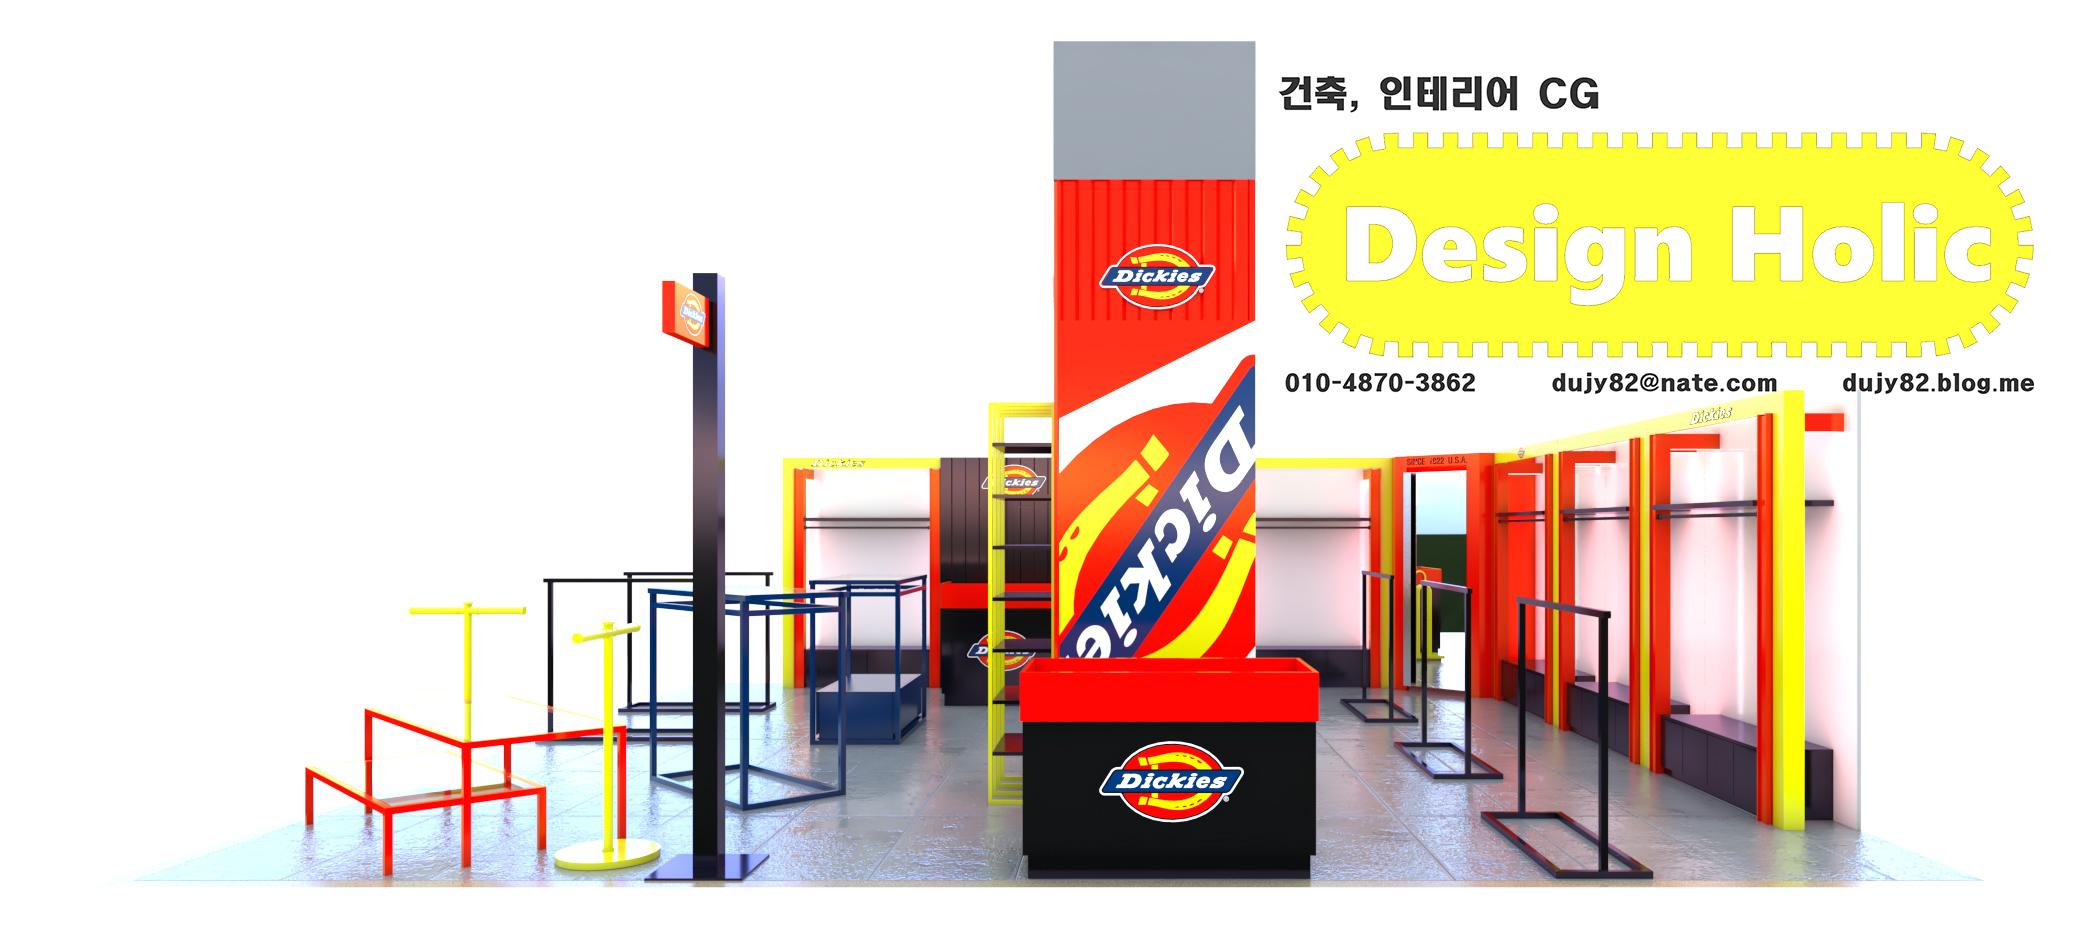 옷매장 디키즈 백화점 인테리어 아일랜드 메뉴얼 3D CG 투시도 조감도 아이소메트릭3.jpg